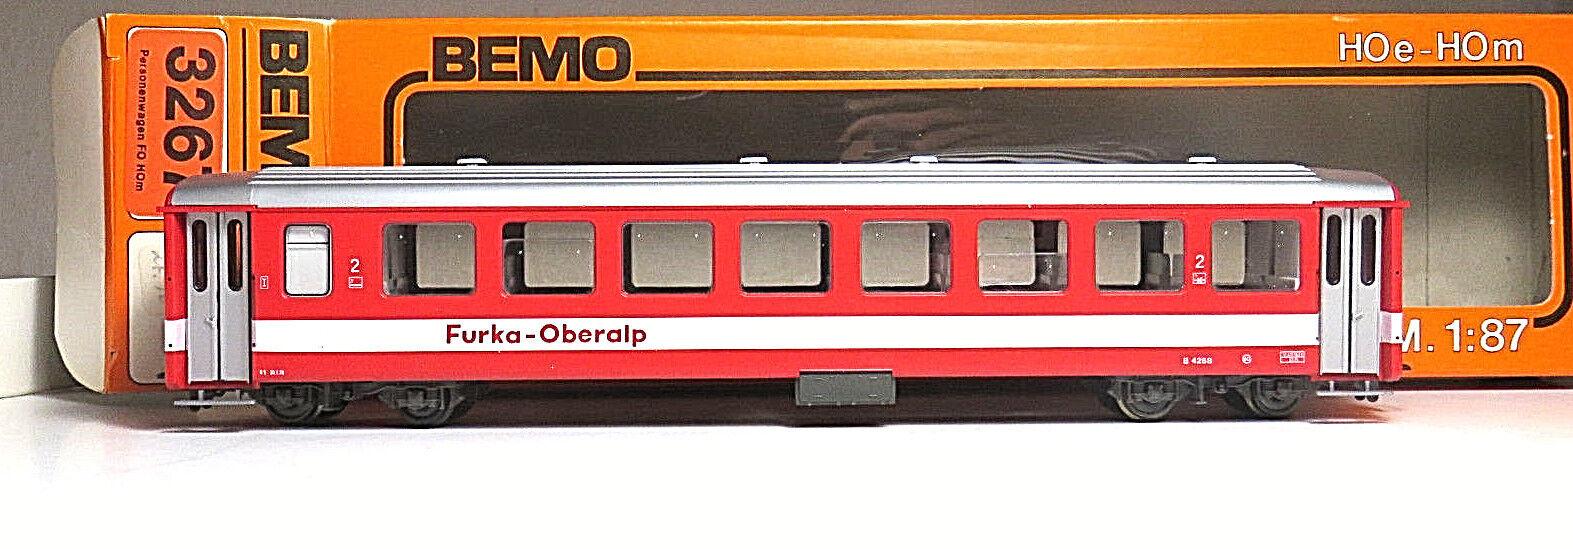 Vetture passeggeri 4268 FO Furka Oberalp BEMO 3267 traccia h0m OVP  nno